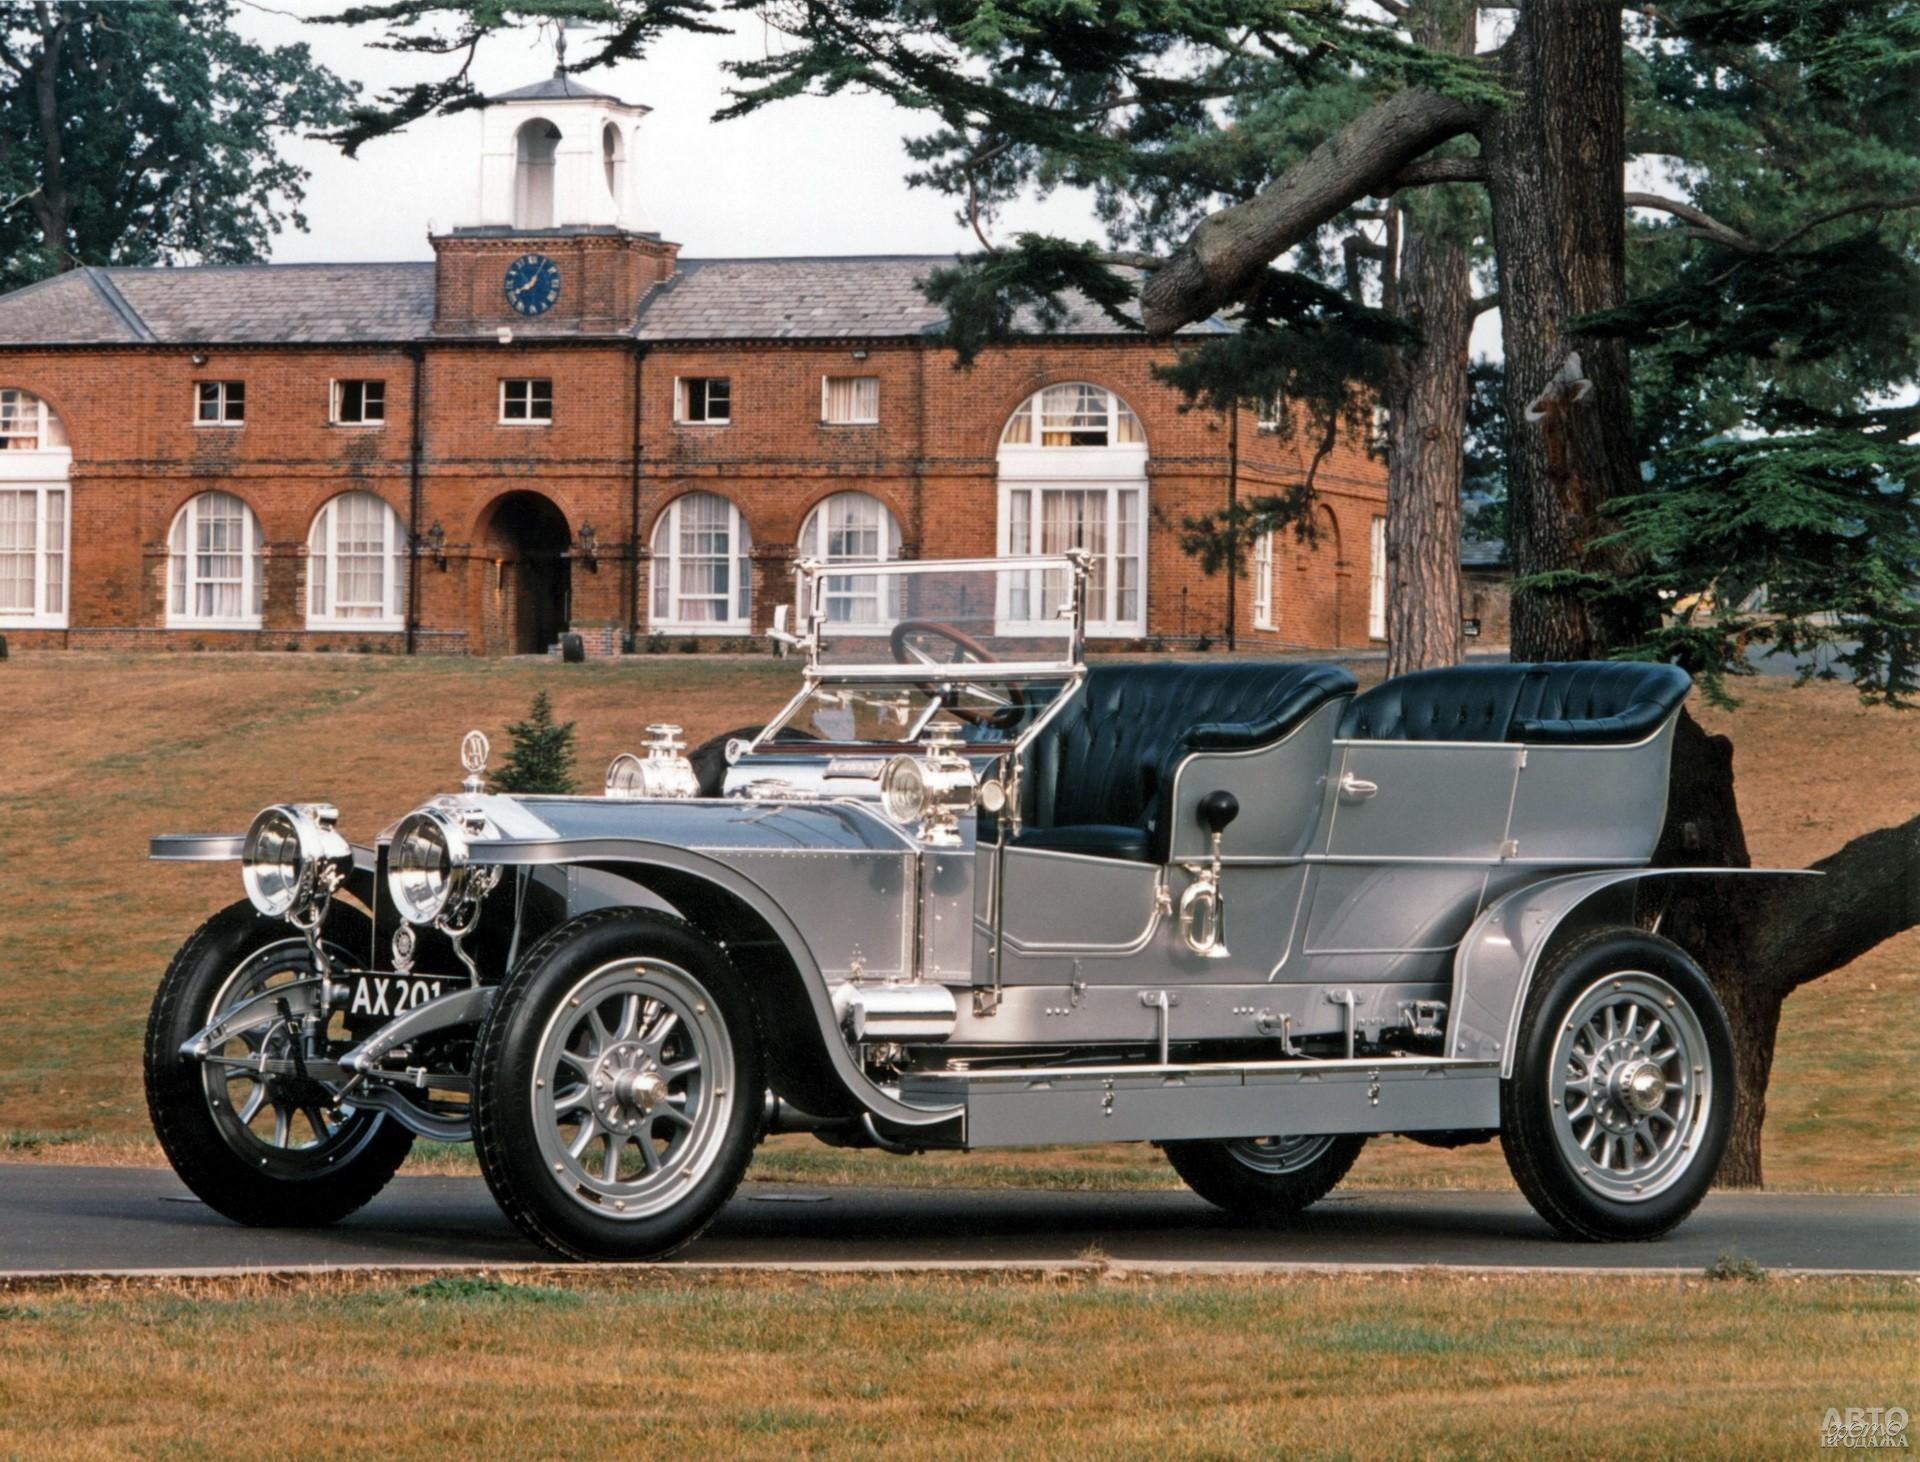 Rolls-Royce Клода Джонсона продали коллекционеру за 75 млн. долларов